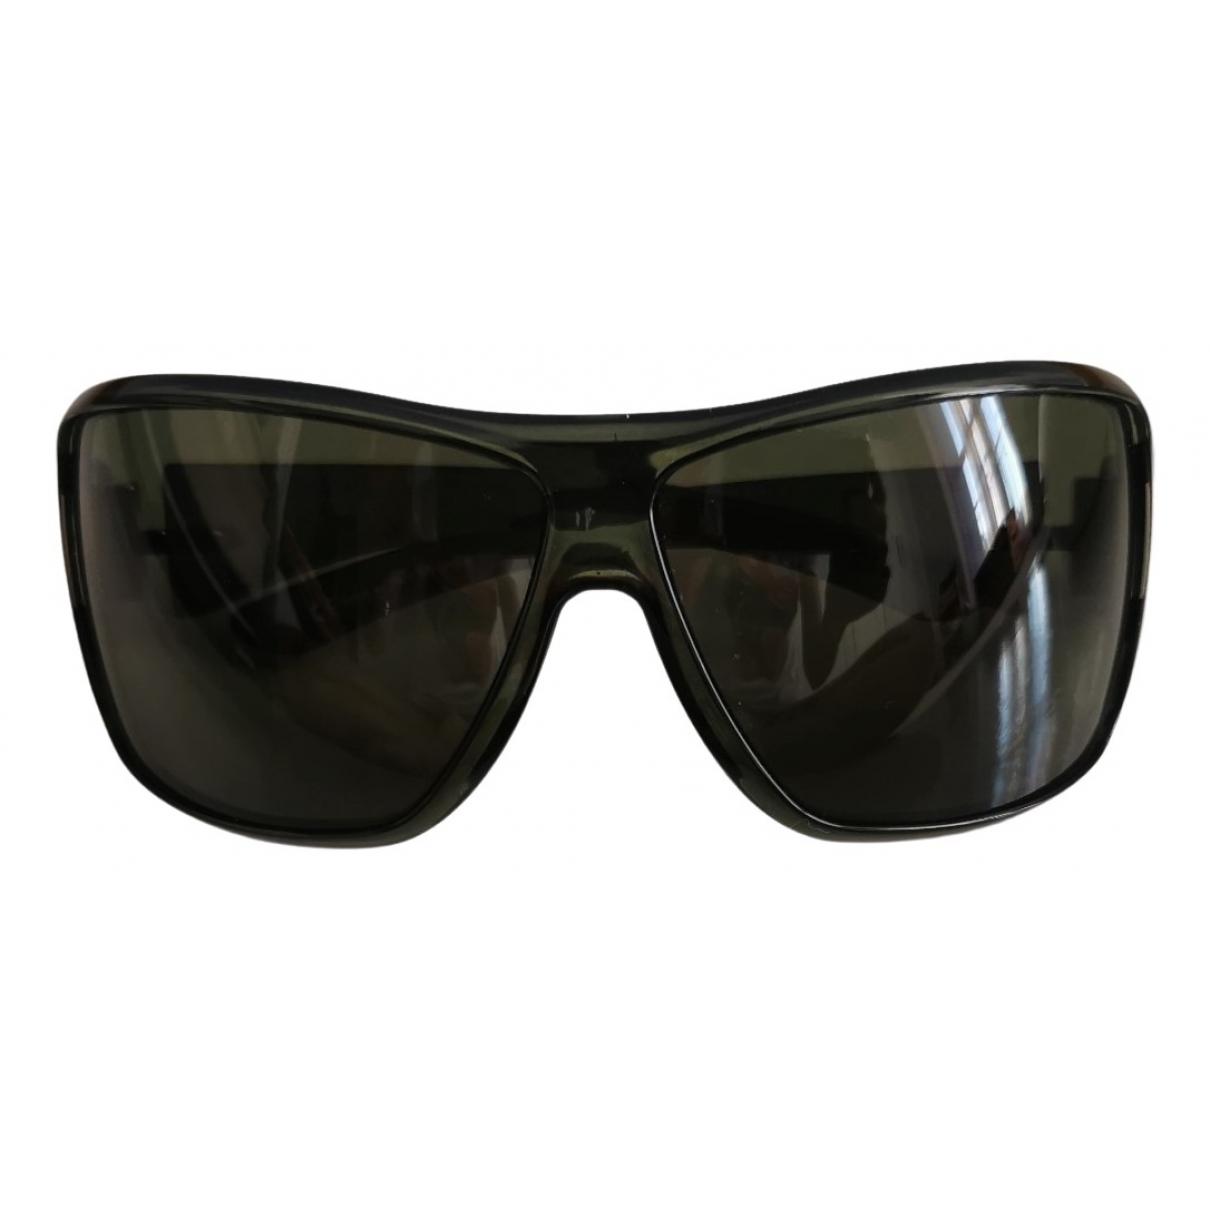 Yves Saint Laurent \N Green Sunglasses for Women \N